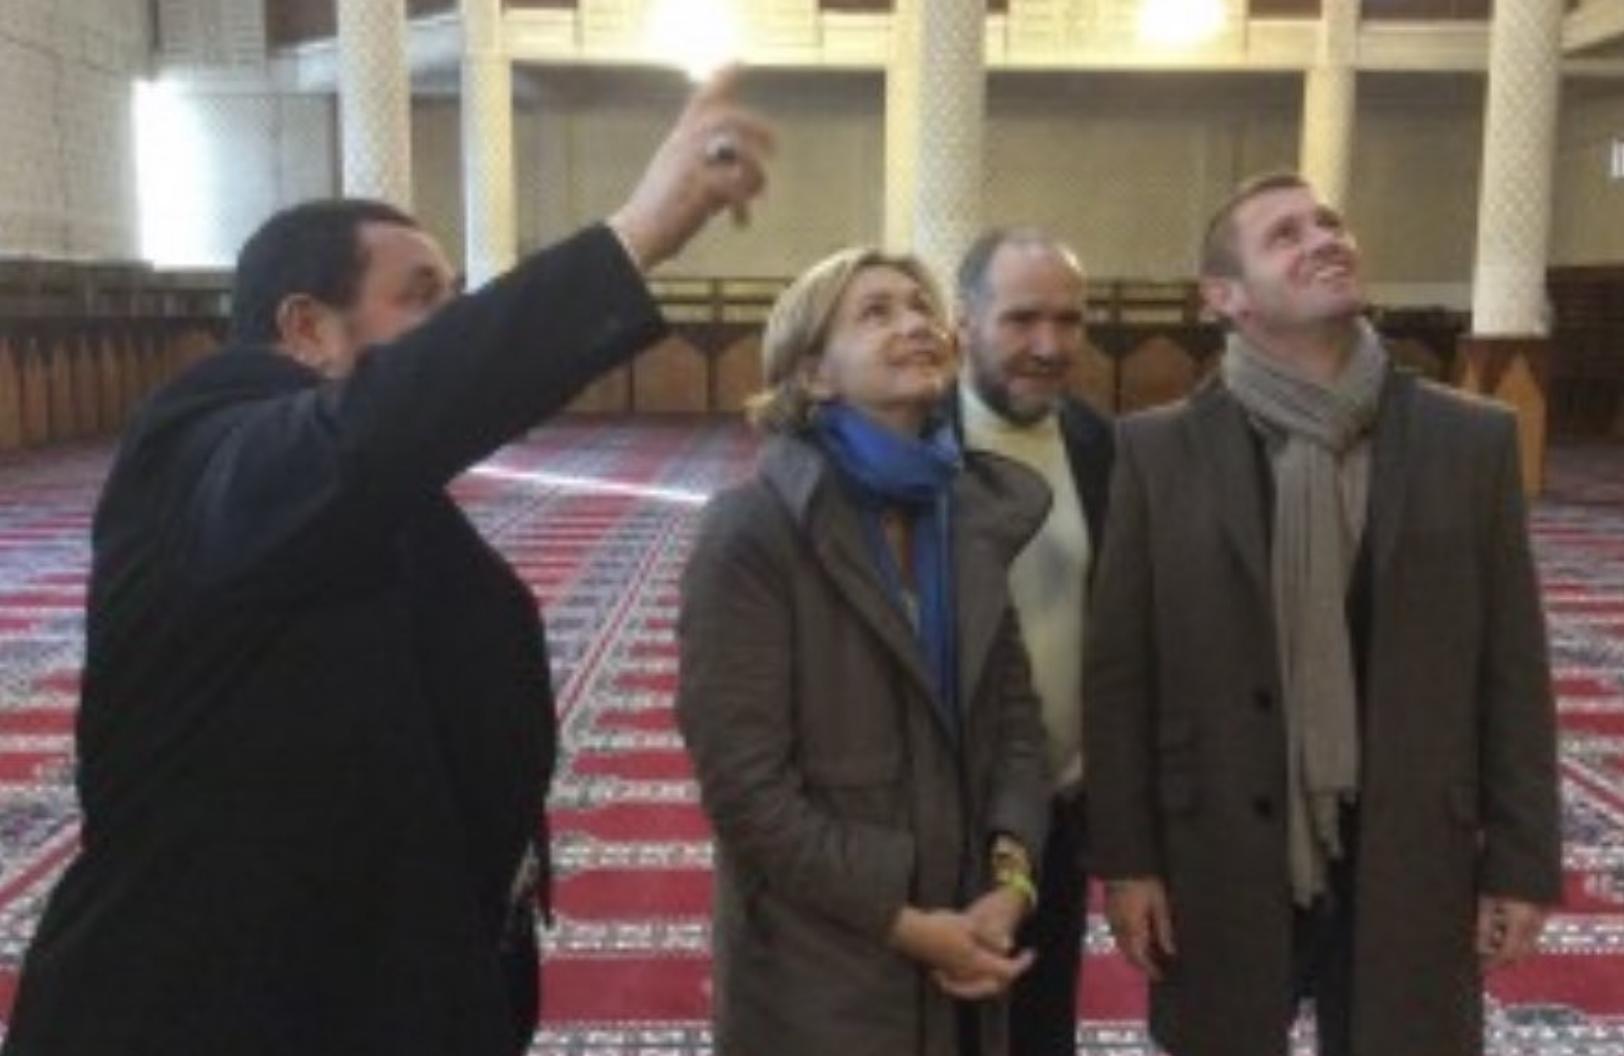 Valérie Pécresse compromise avec des islamistes (PHOTOS EXCLUSIVES)